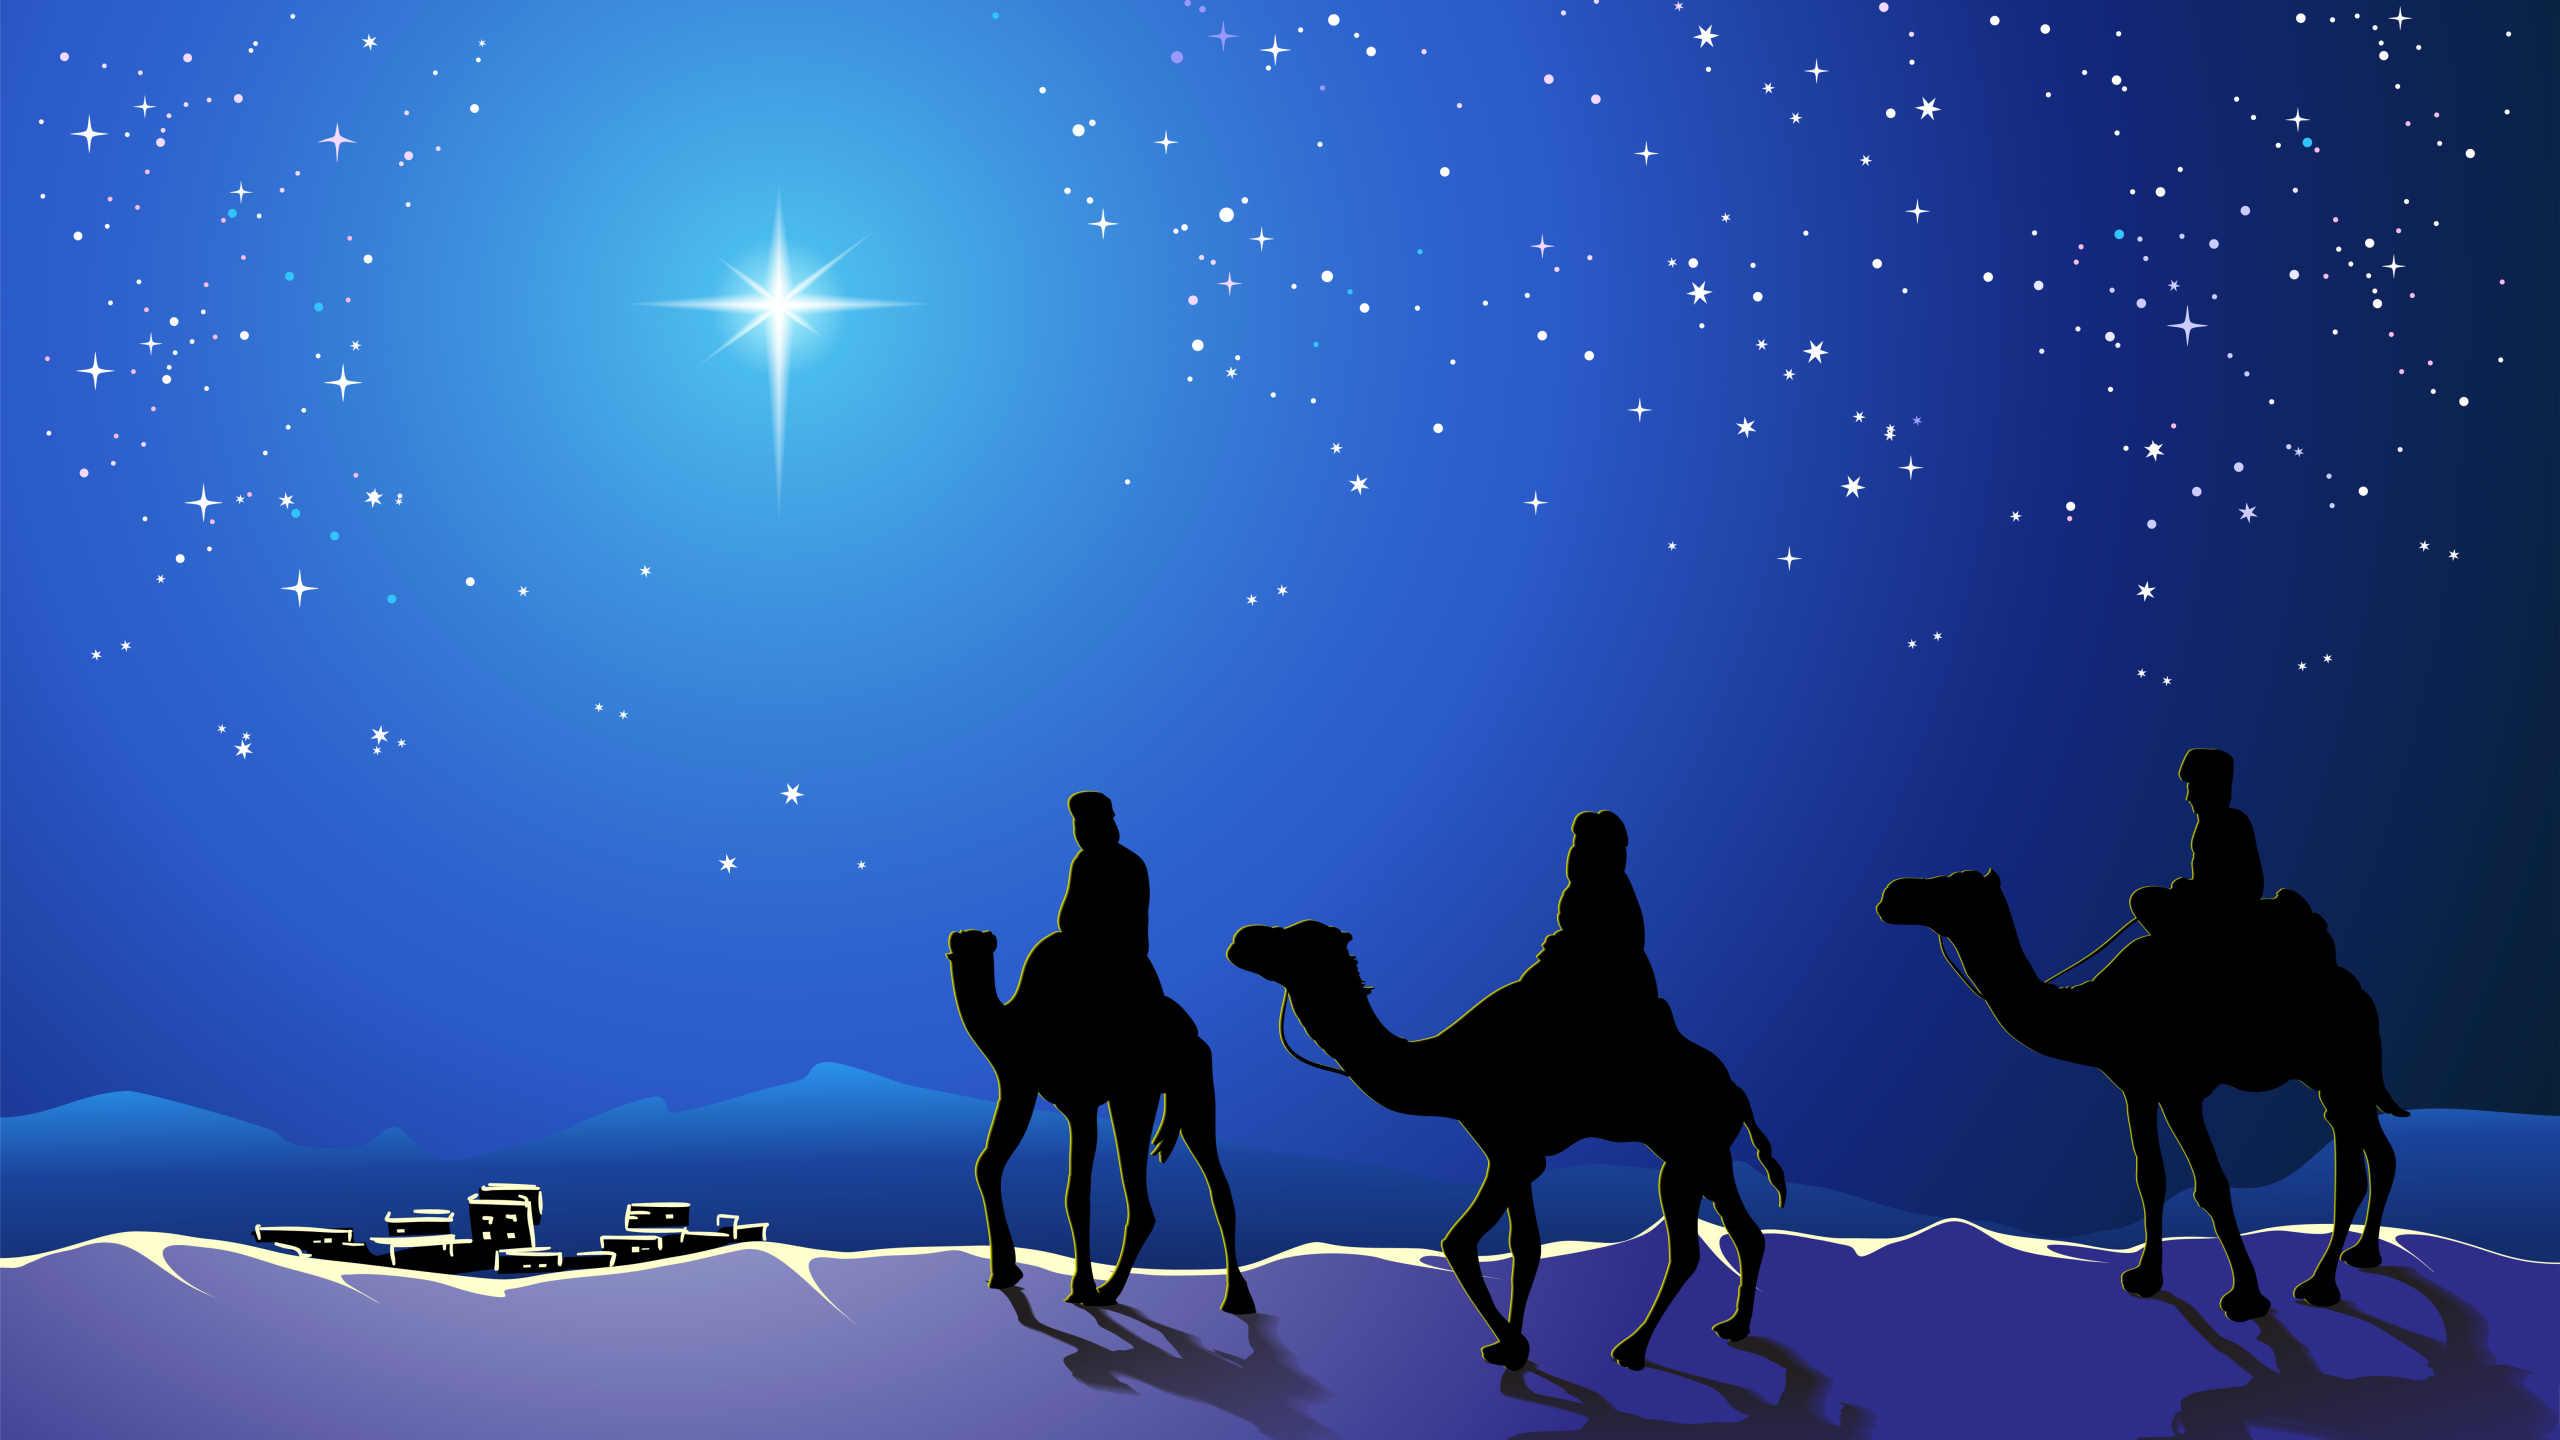 Los Mejores Memes Imágenes Y Frases Sobre Los Reyes Magos